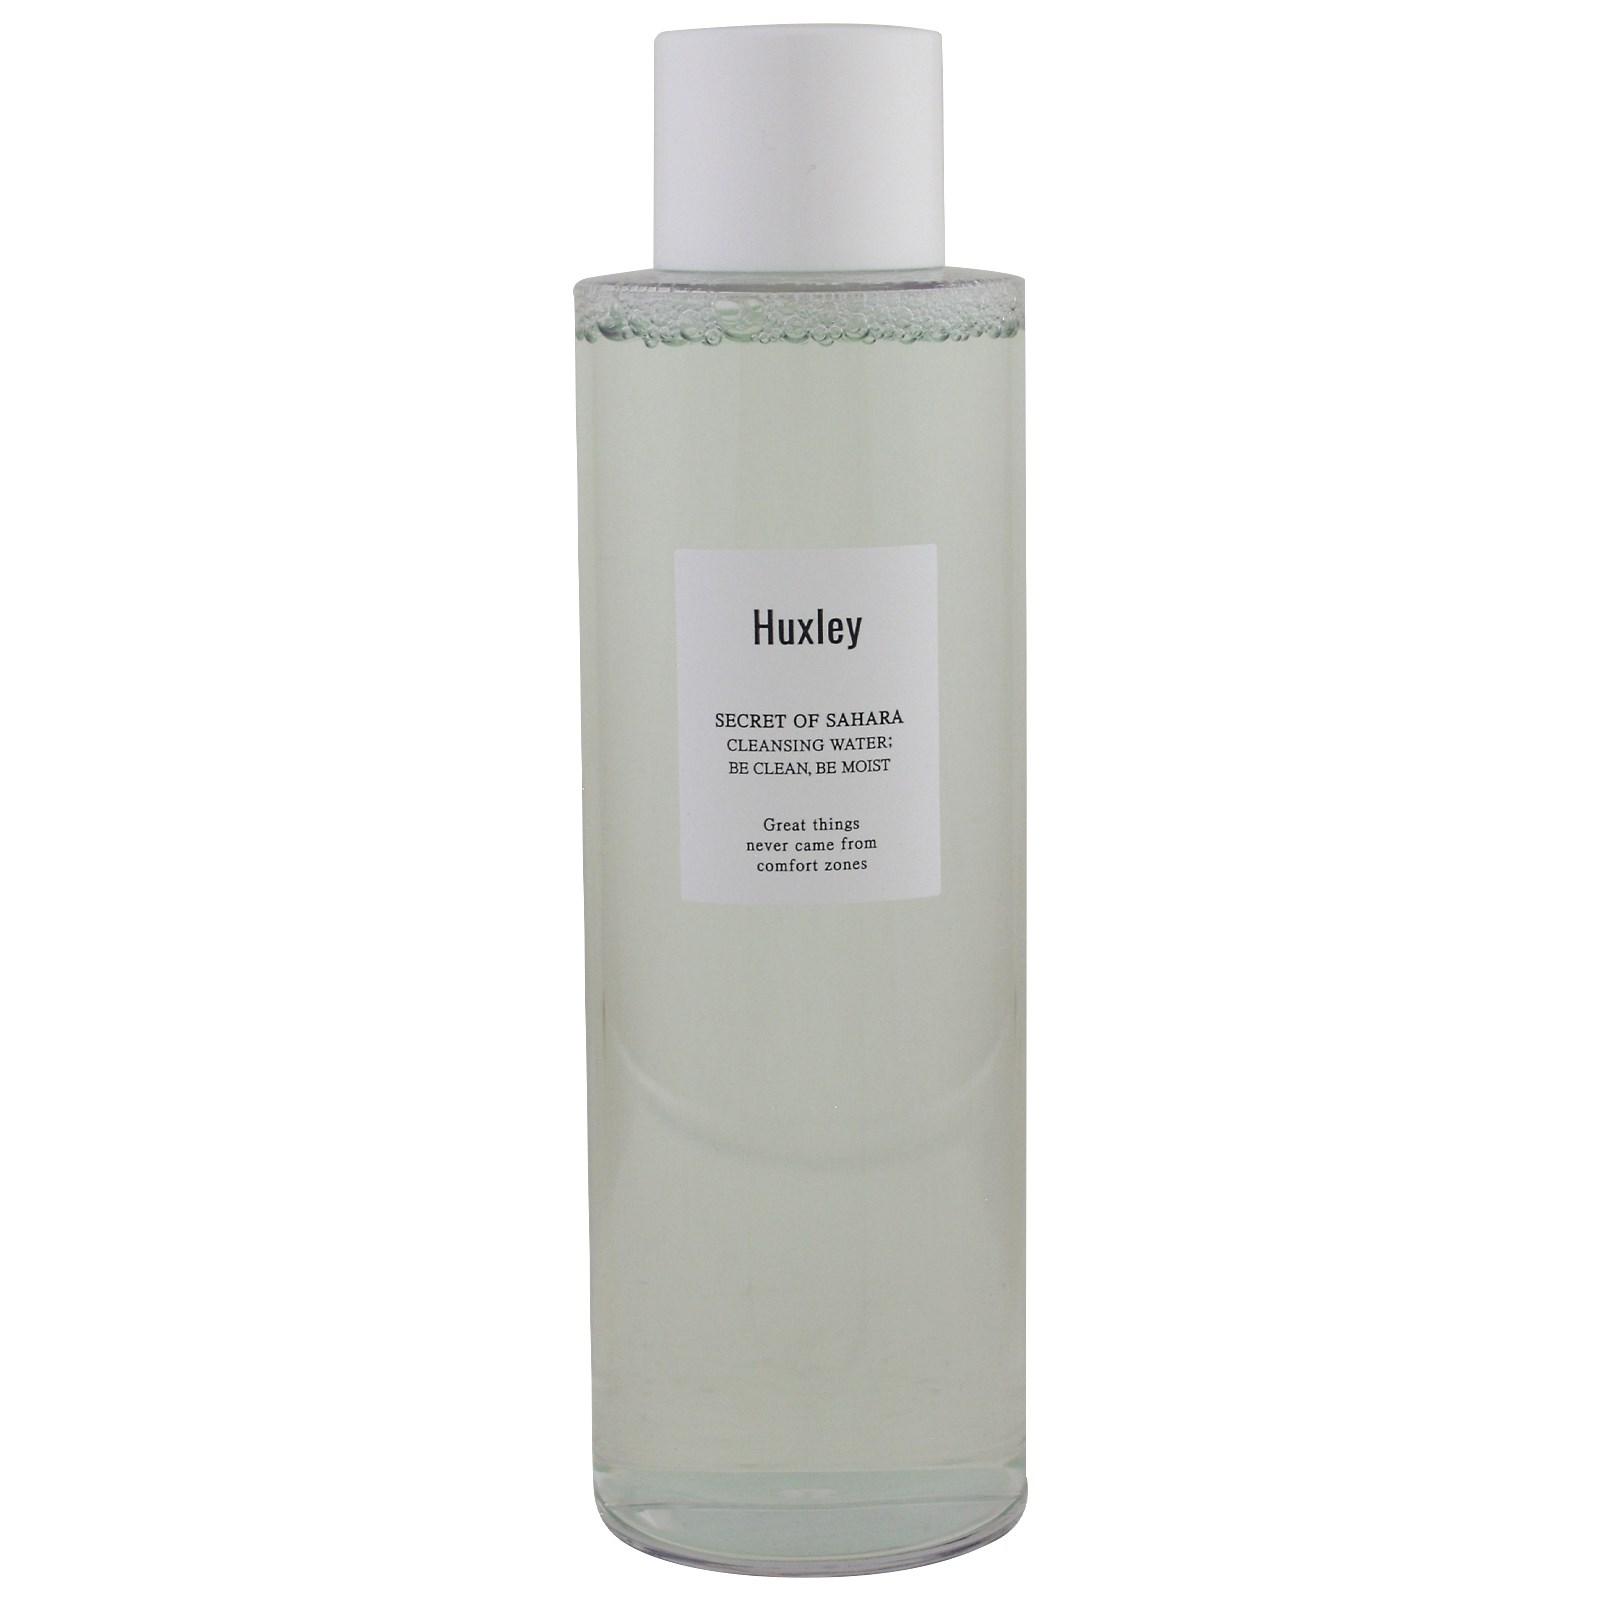 Huxley, Секрет Сахары, вода для снятия макияжа, 200 мл